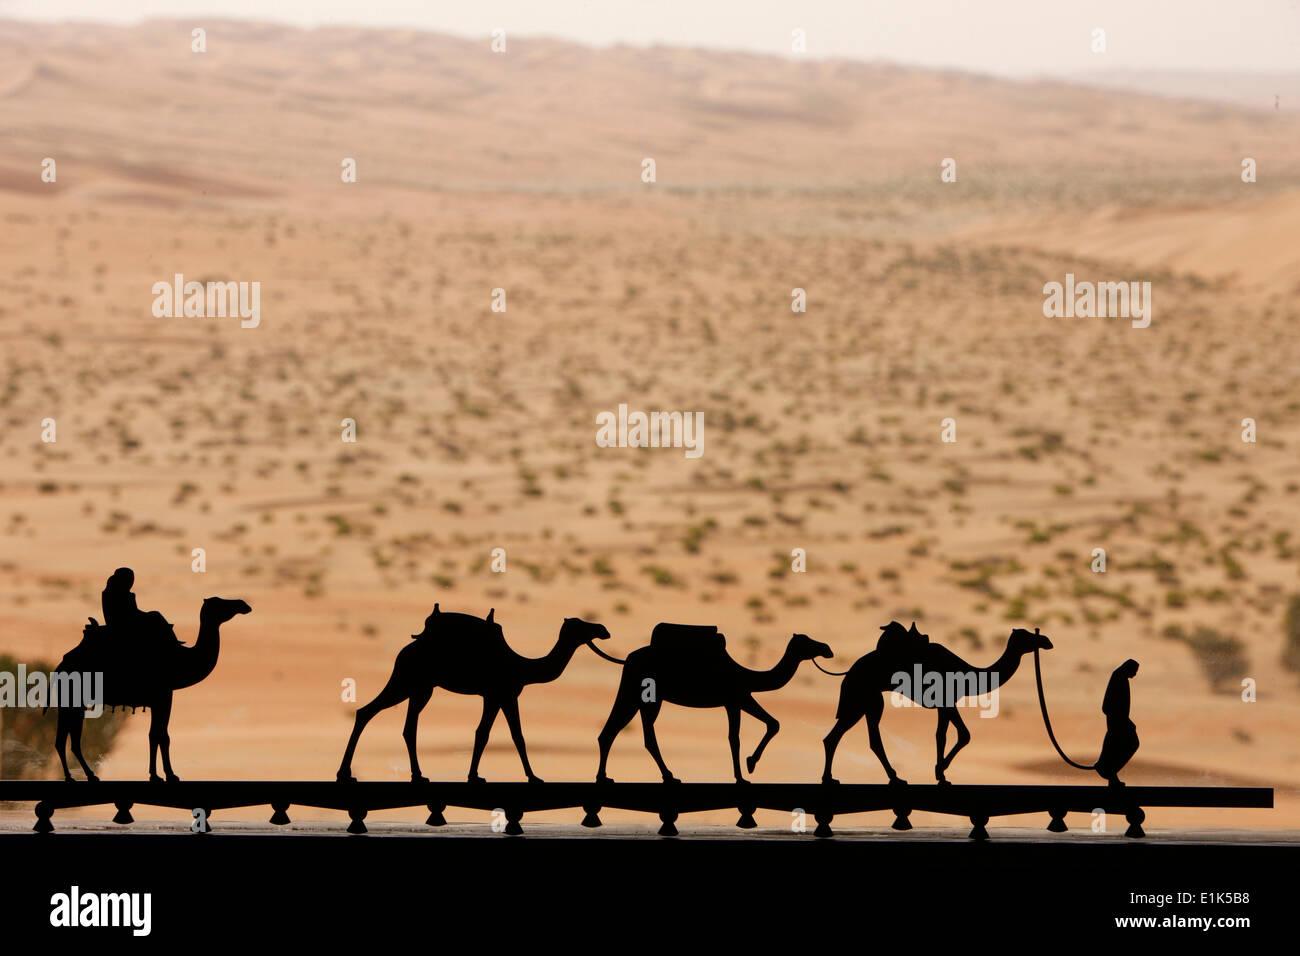 Miniature camel motif - Stock Image